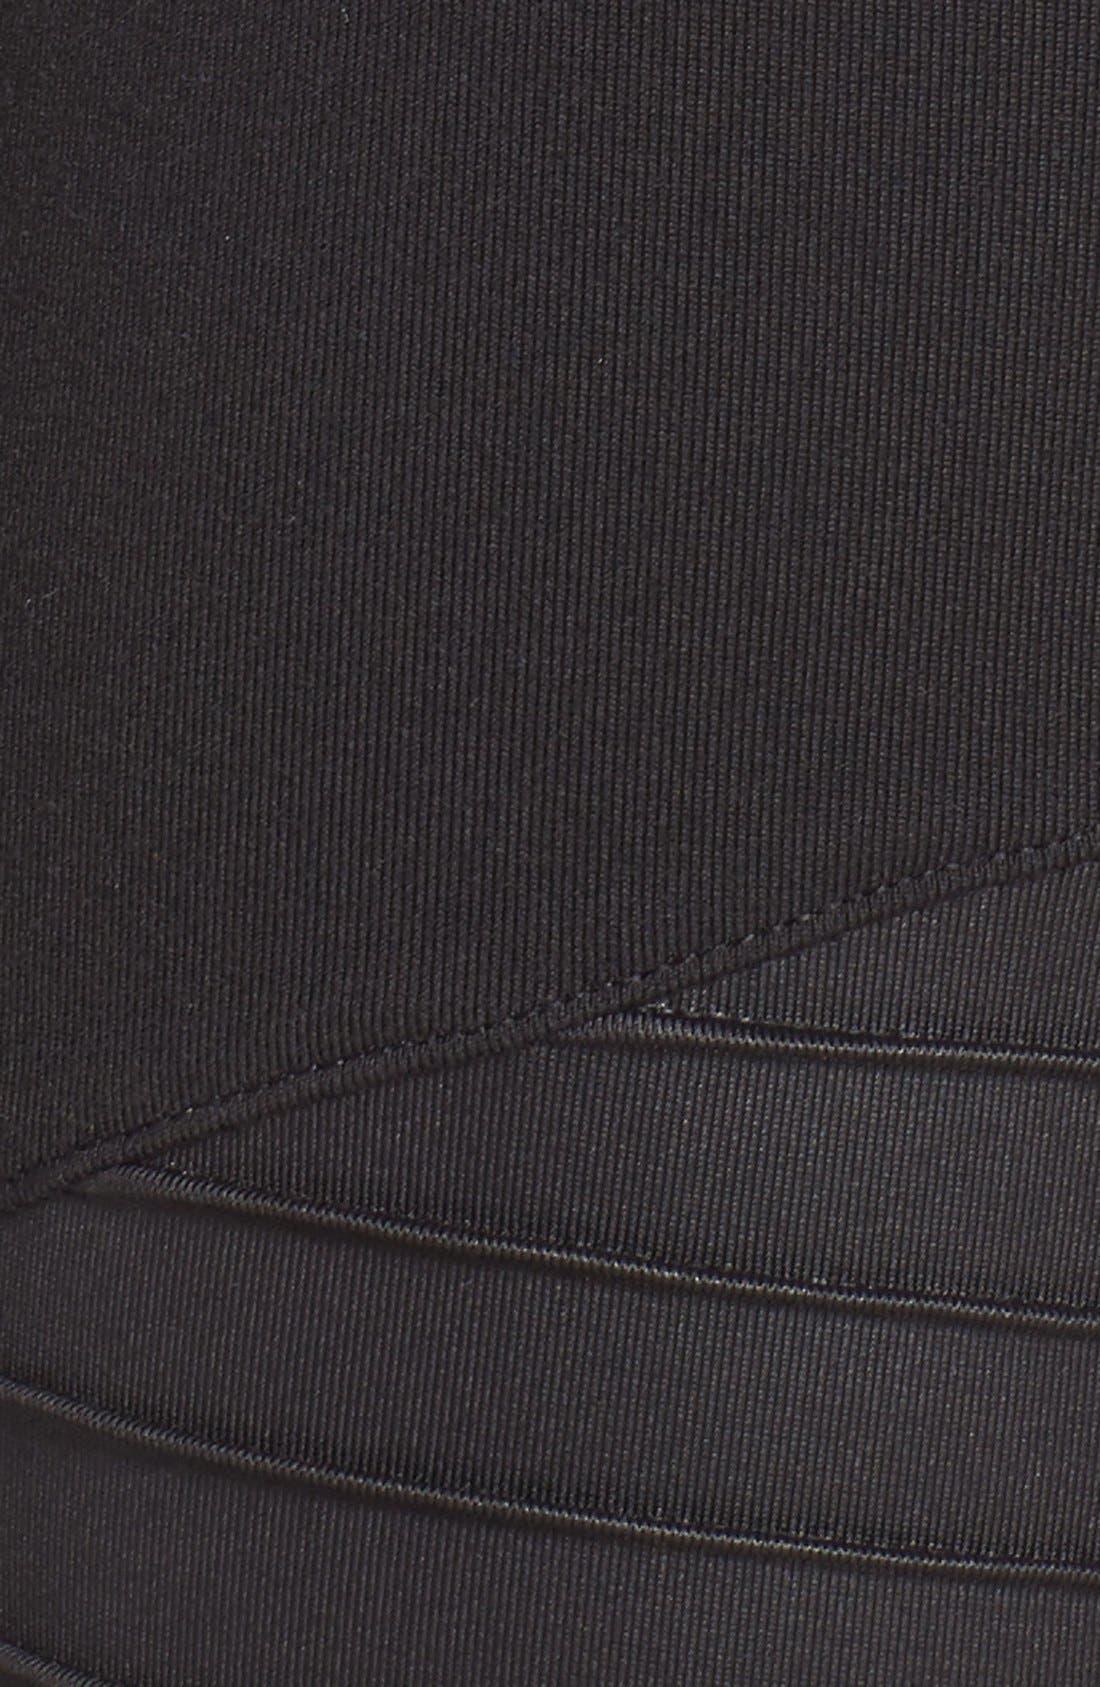 High Waist Moto Leggings,                             Alternate thumbnail 2, color,                             BLACK/ BLACK GLOSSY